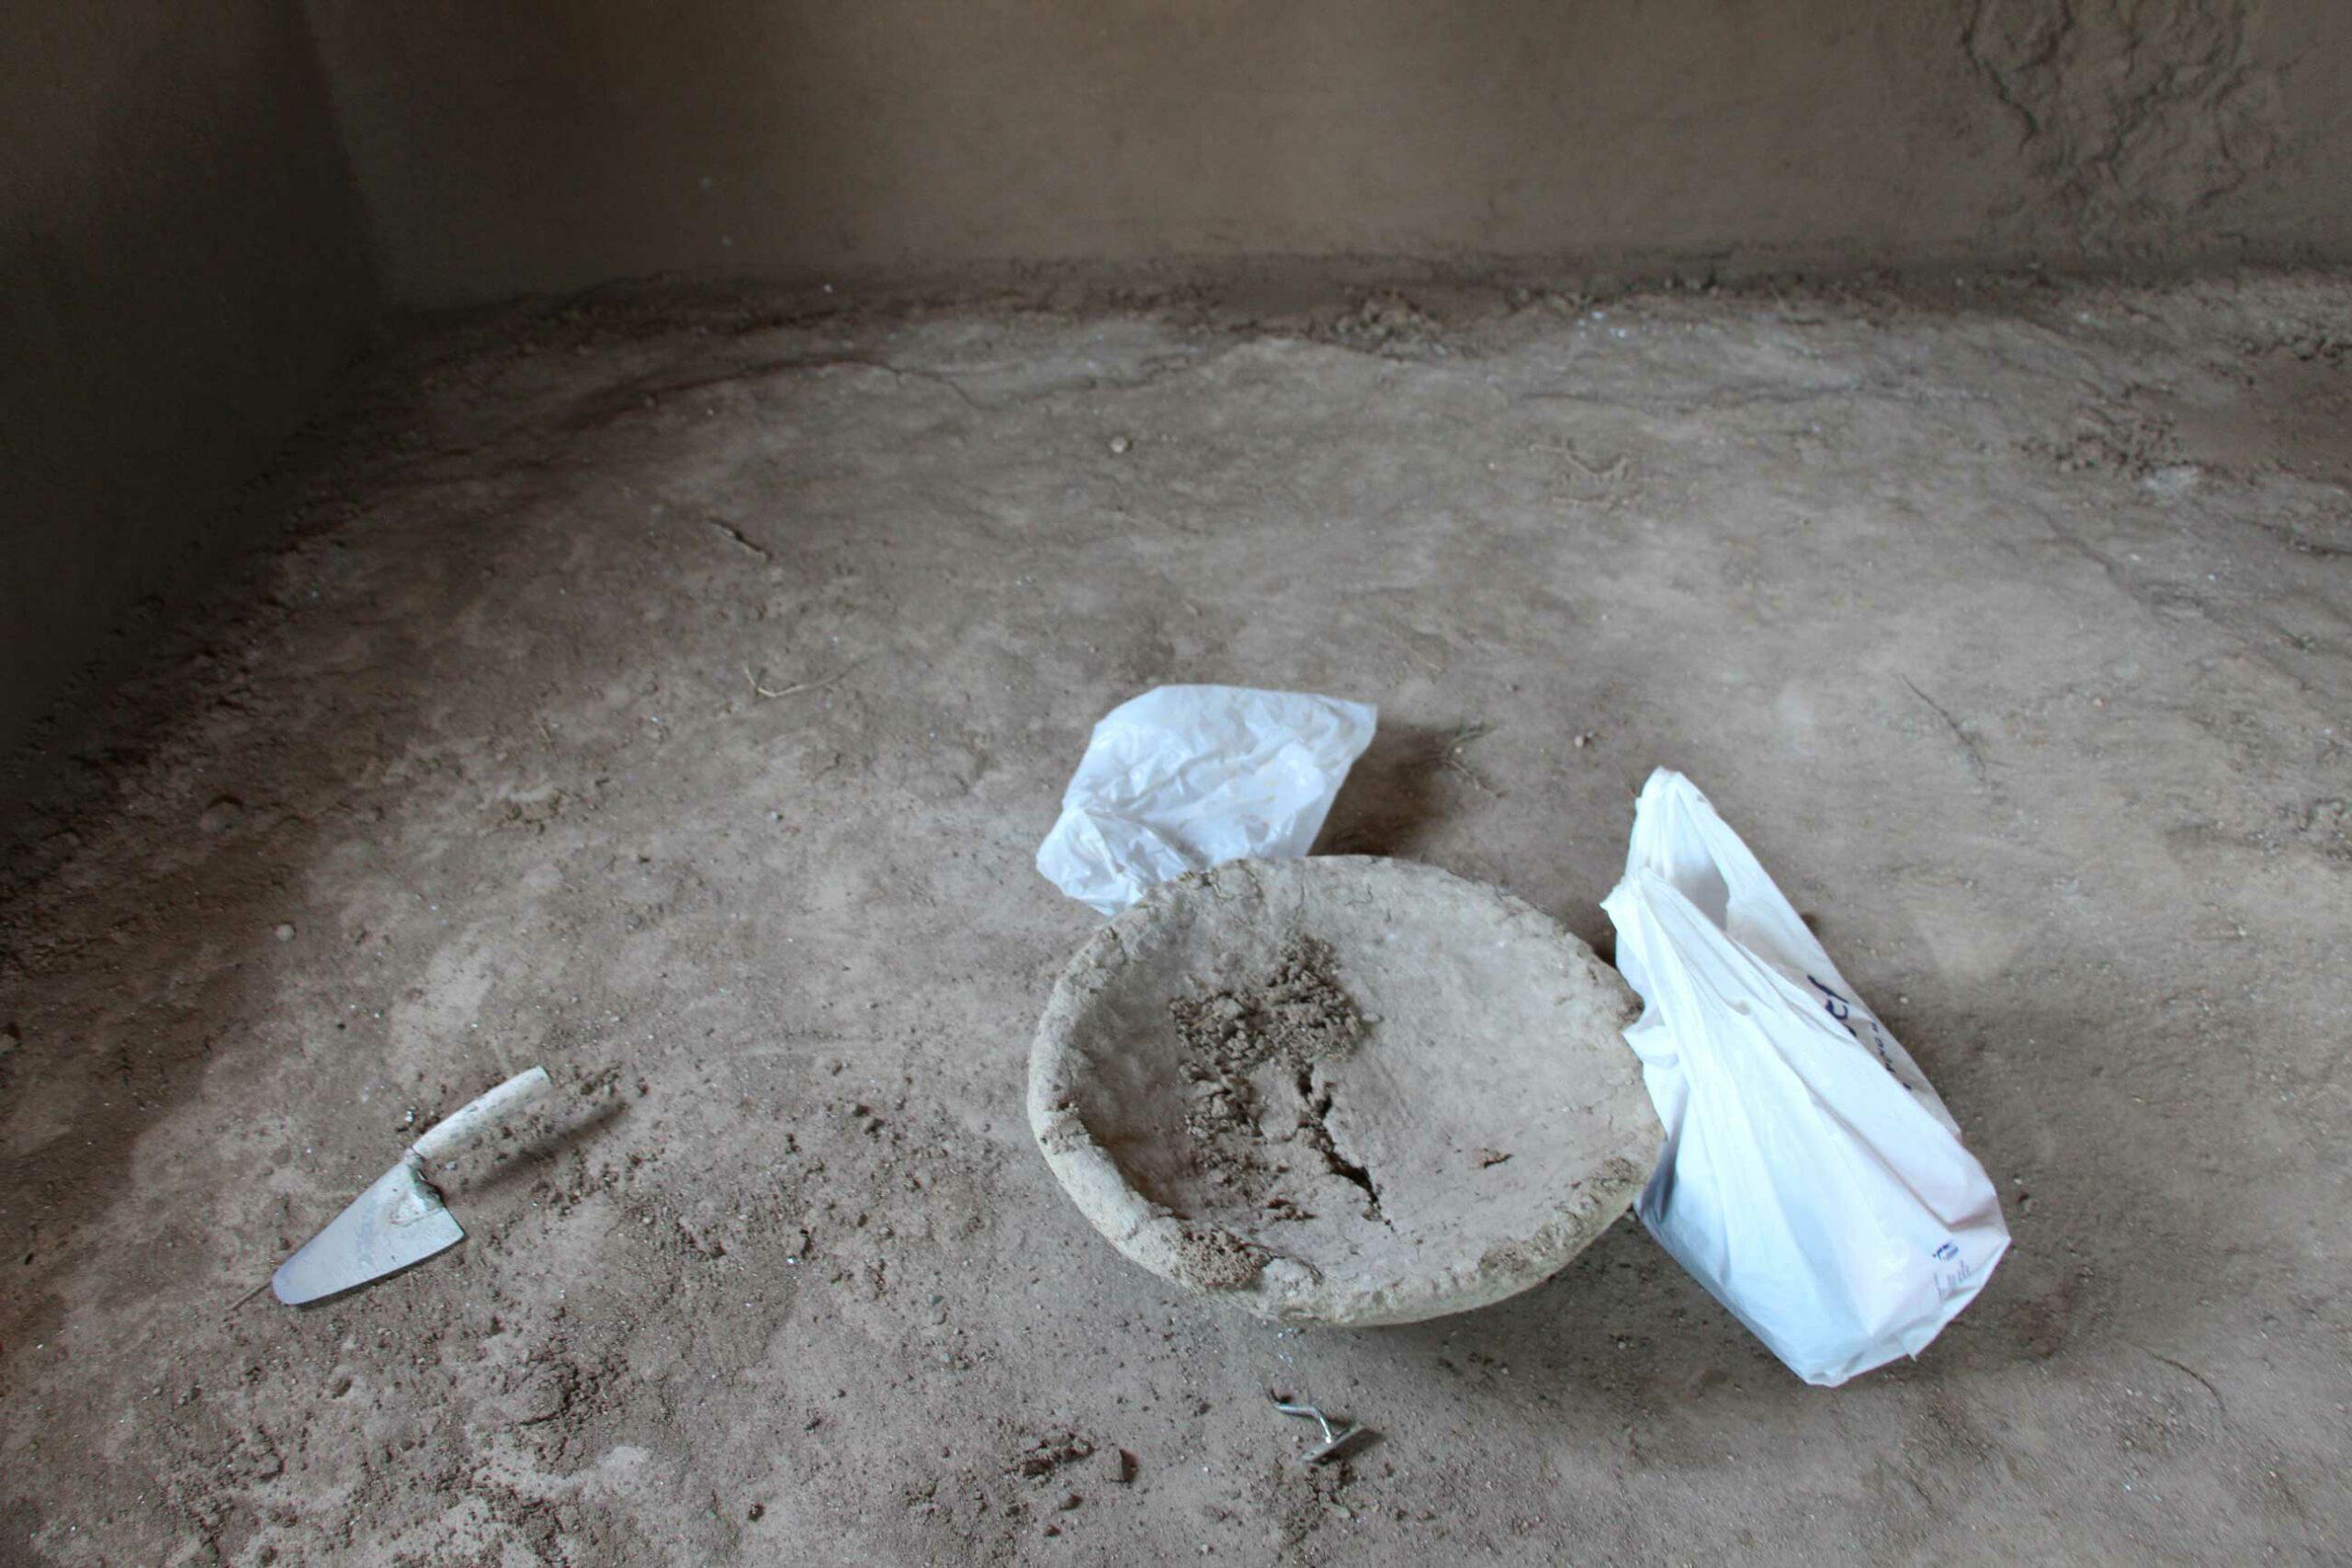 Țestul-din-pământ–sub-care-țata-Florea,-cumnata-lui-Preda-și-ultima-locatară-cocea-pâinea.